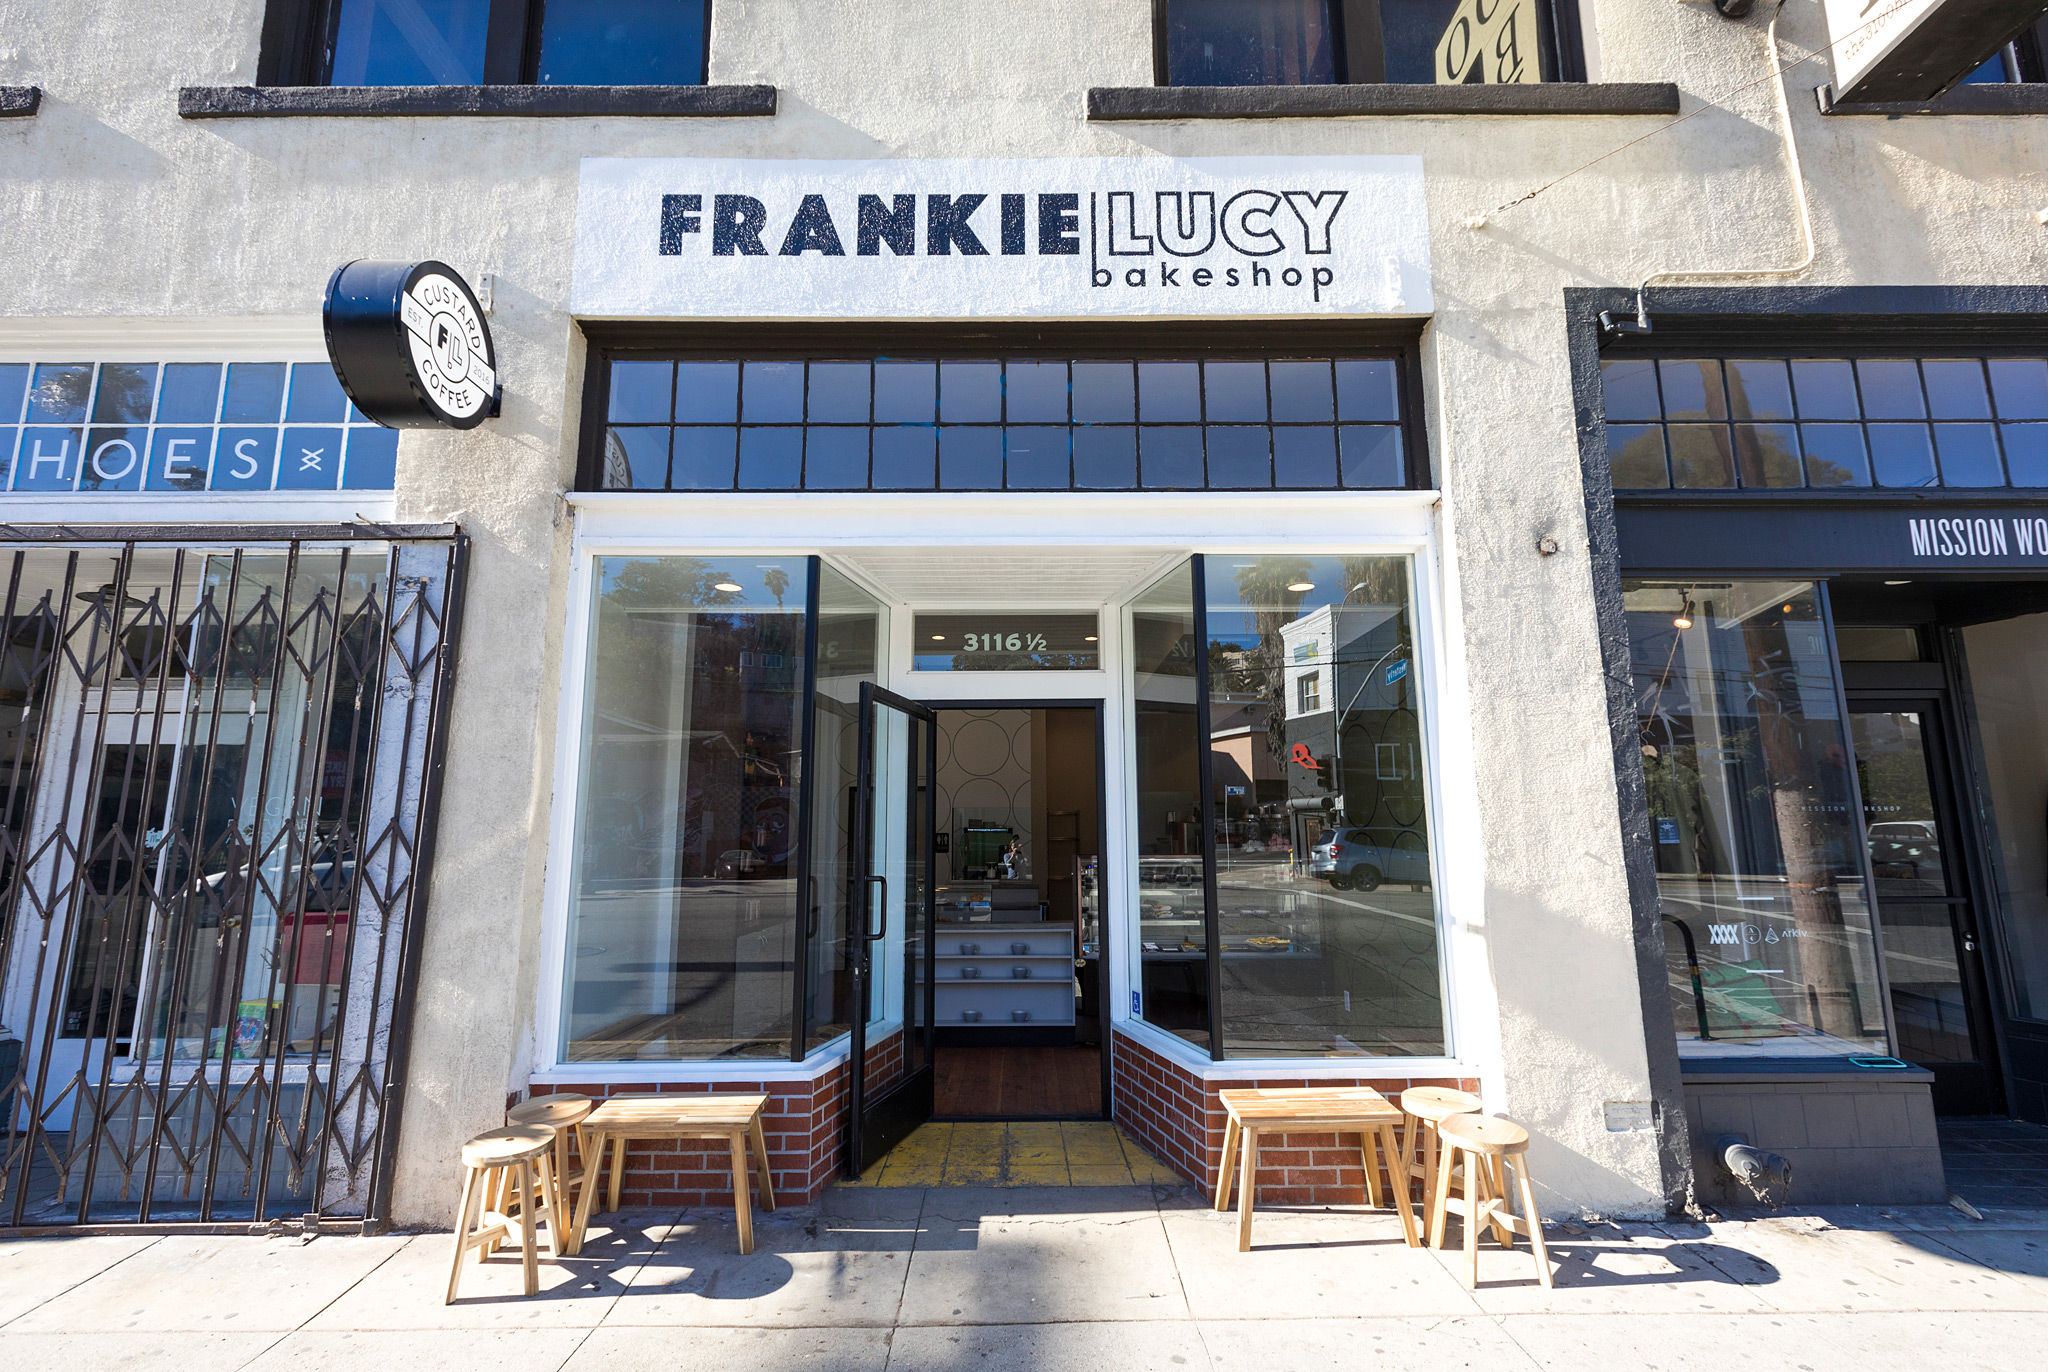 FrankieLucy Bakeshop on Sunset Blvd. | Jakob Layman